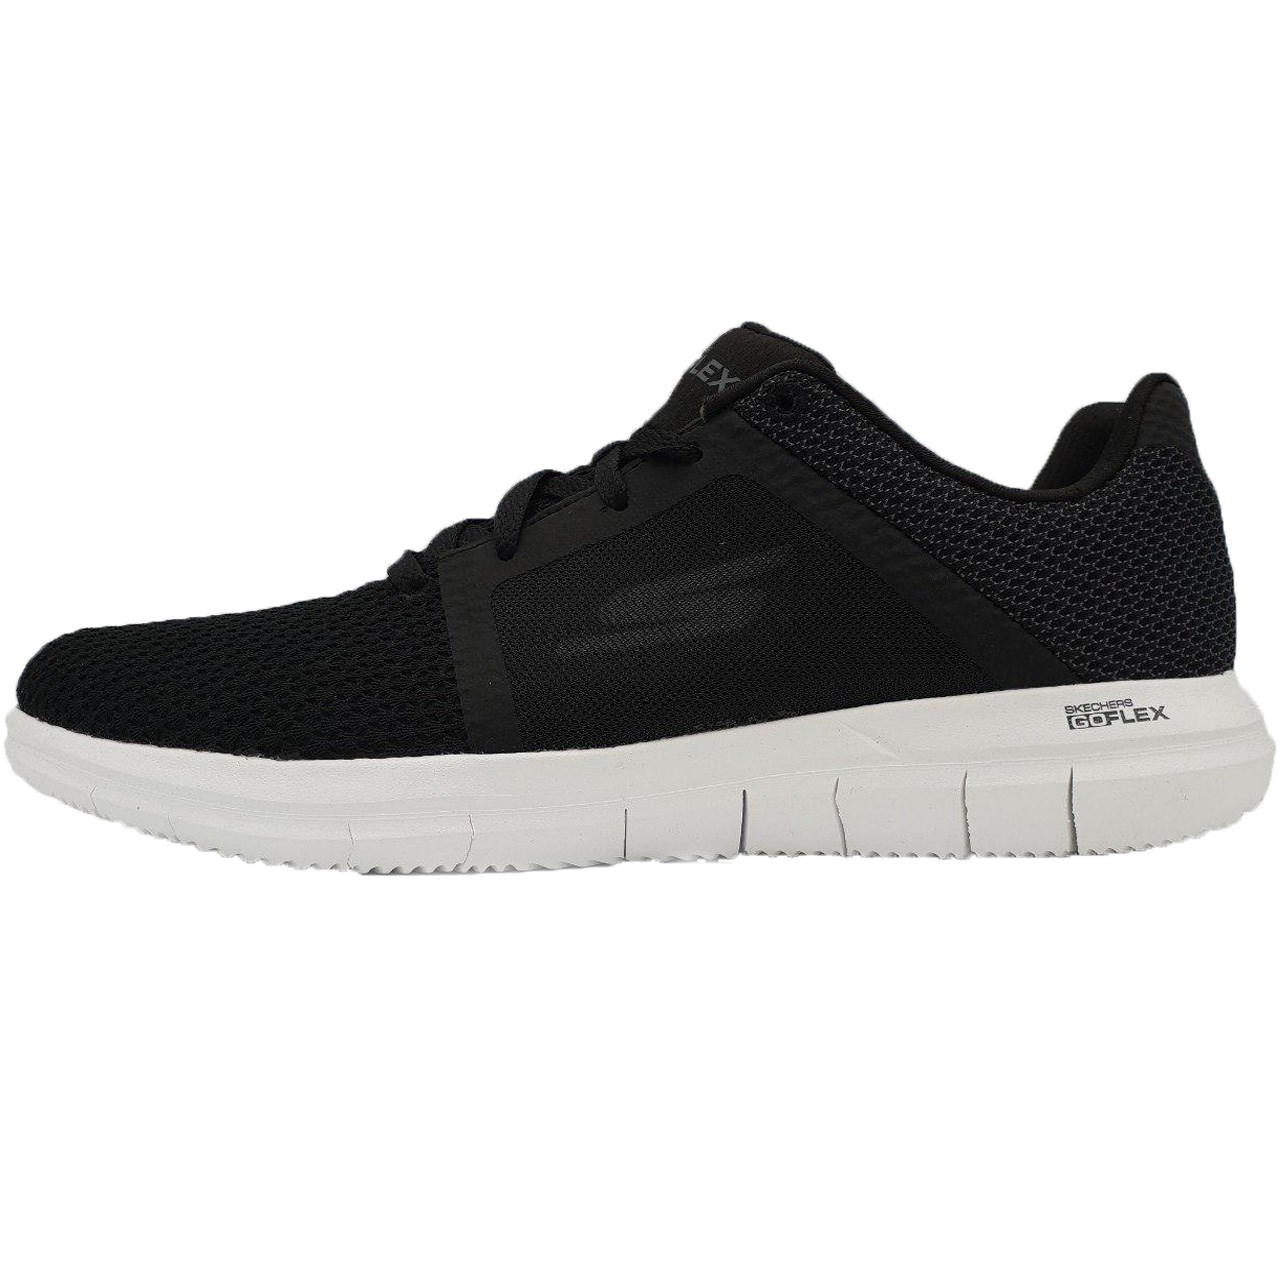 قیمت کفش راحتی مردانه اسکچرز مدل Go Flex 2